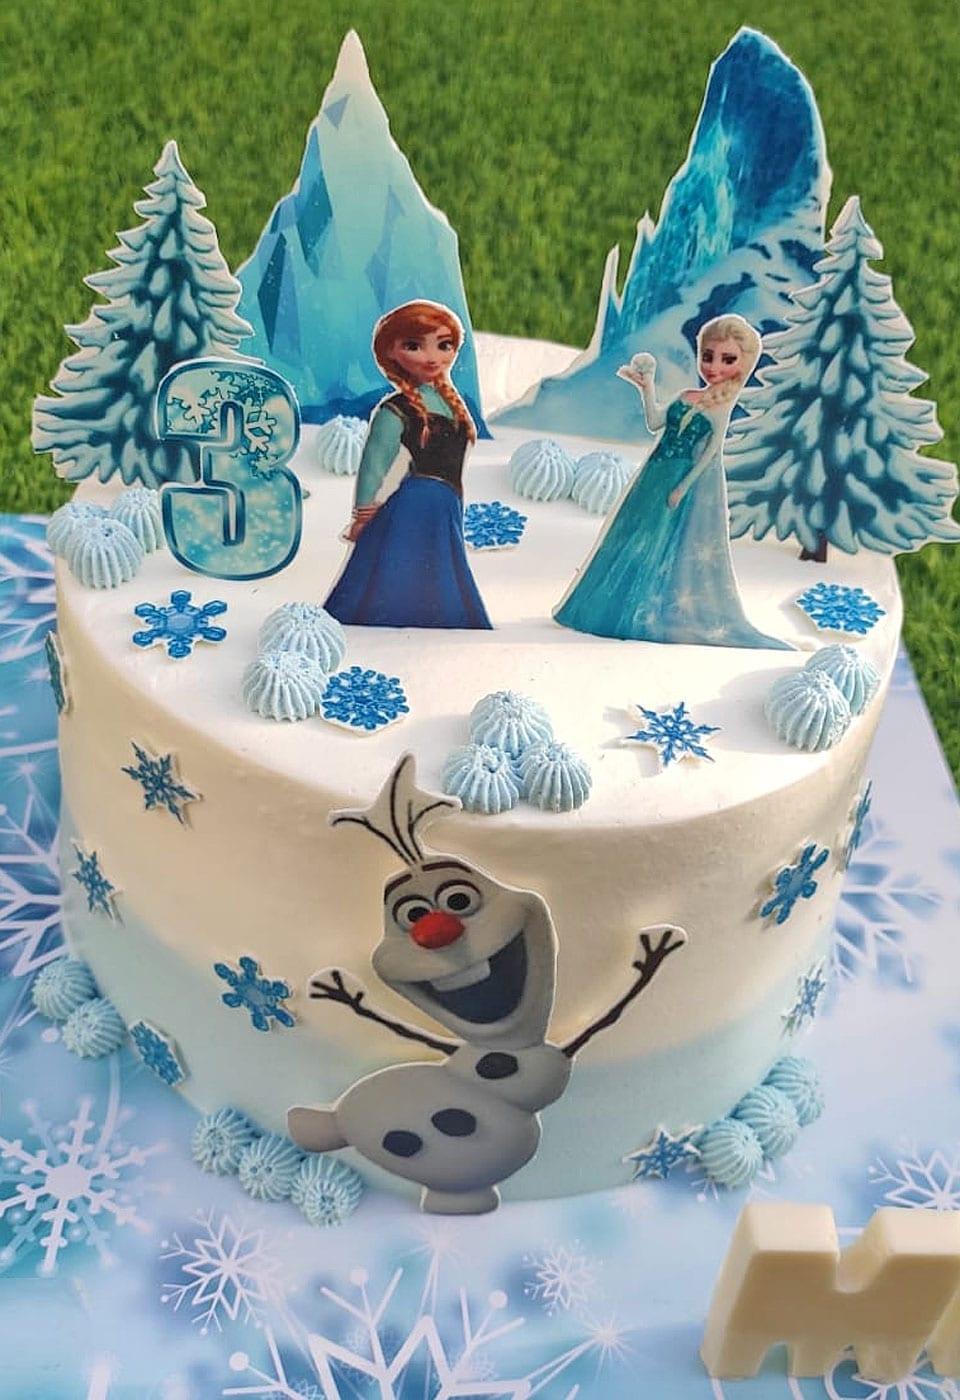 עוגת יום הולדת פרוזן מיה תוצרת לאלילנד